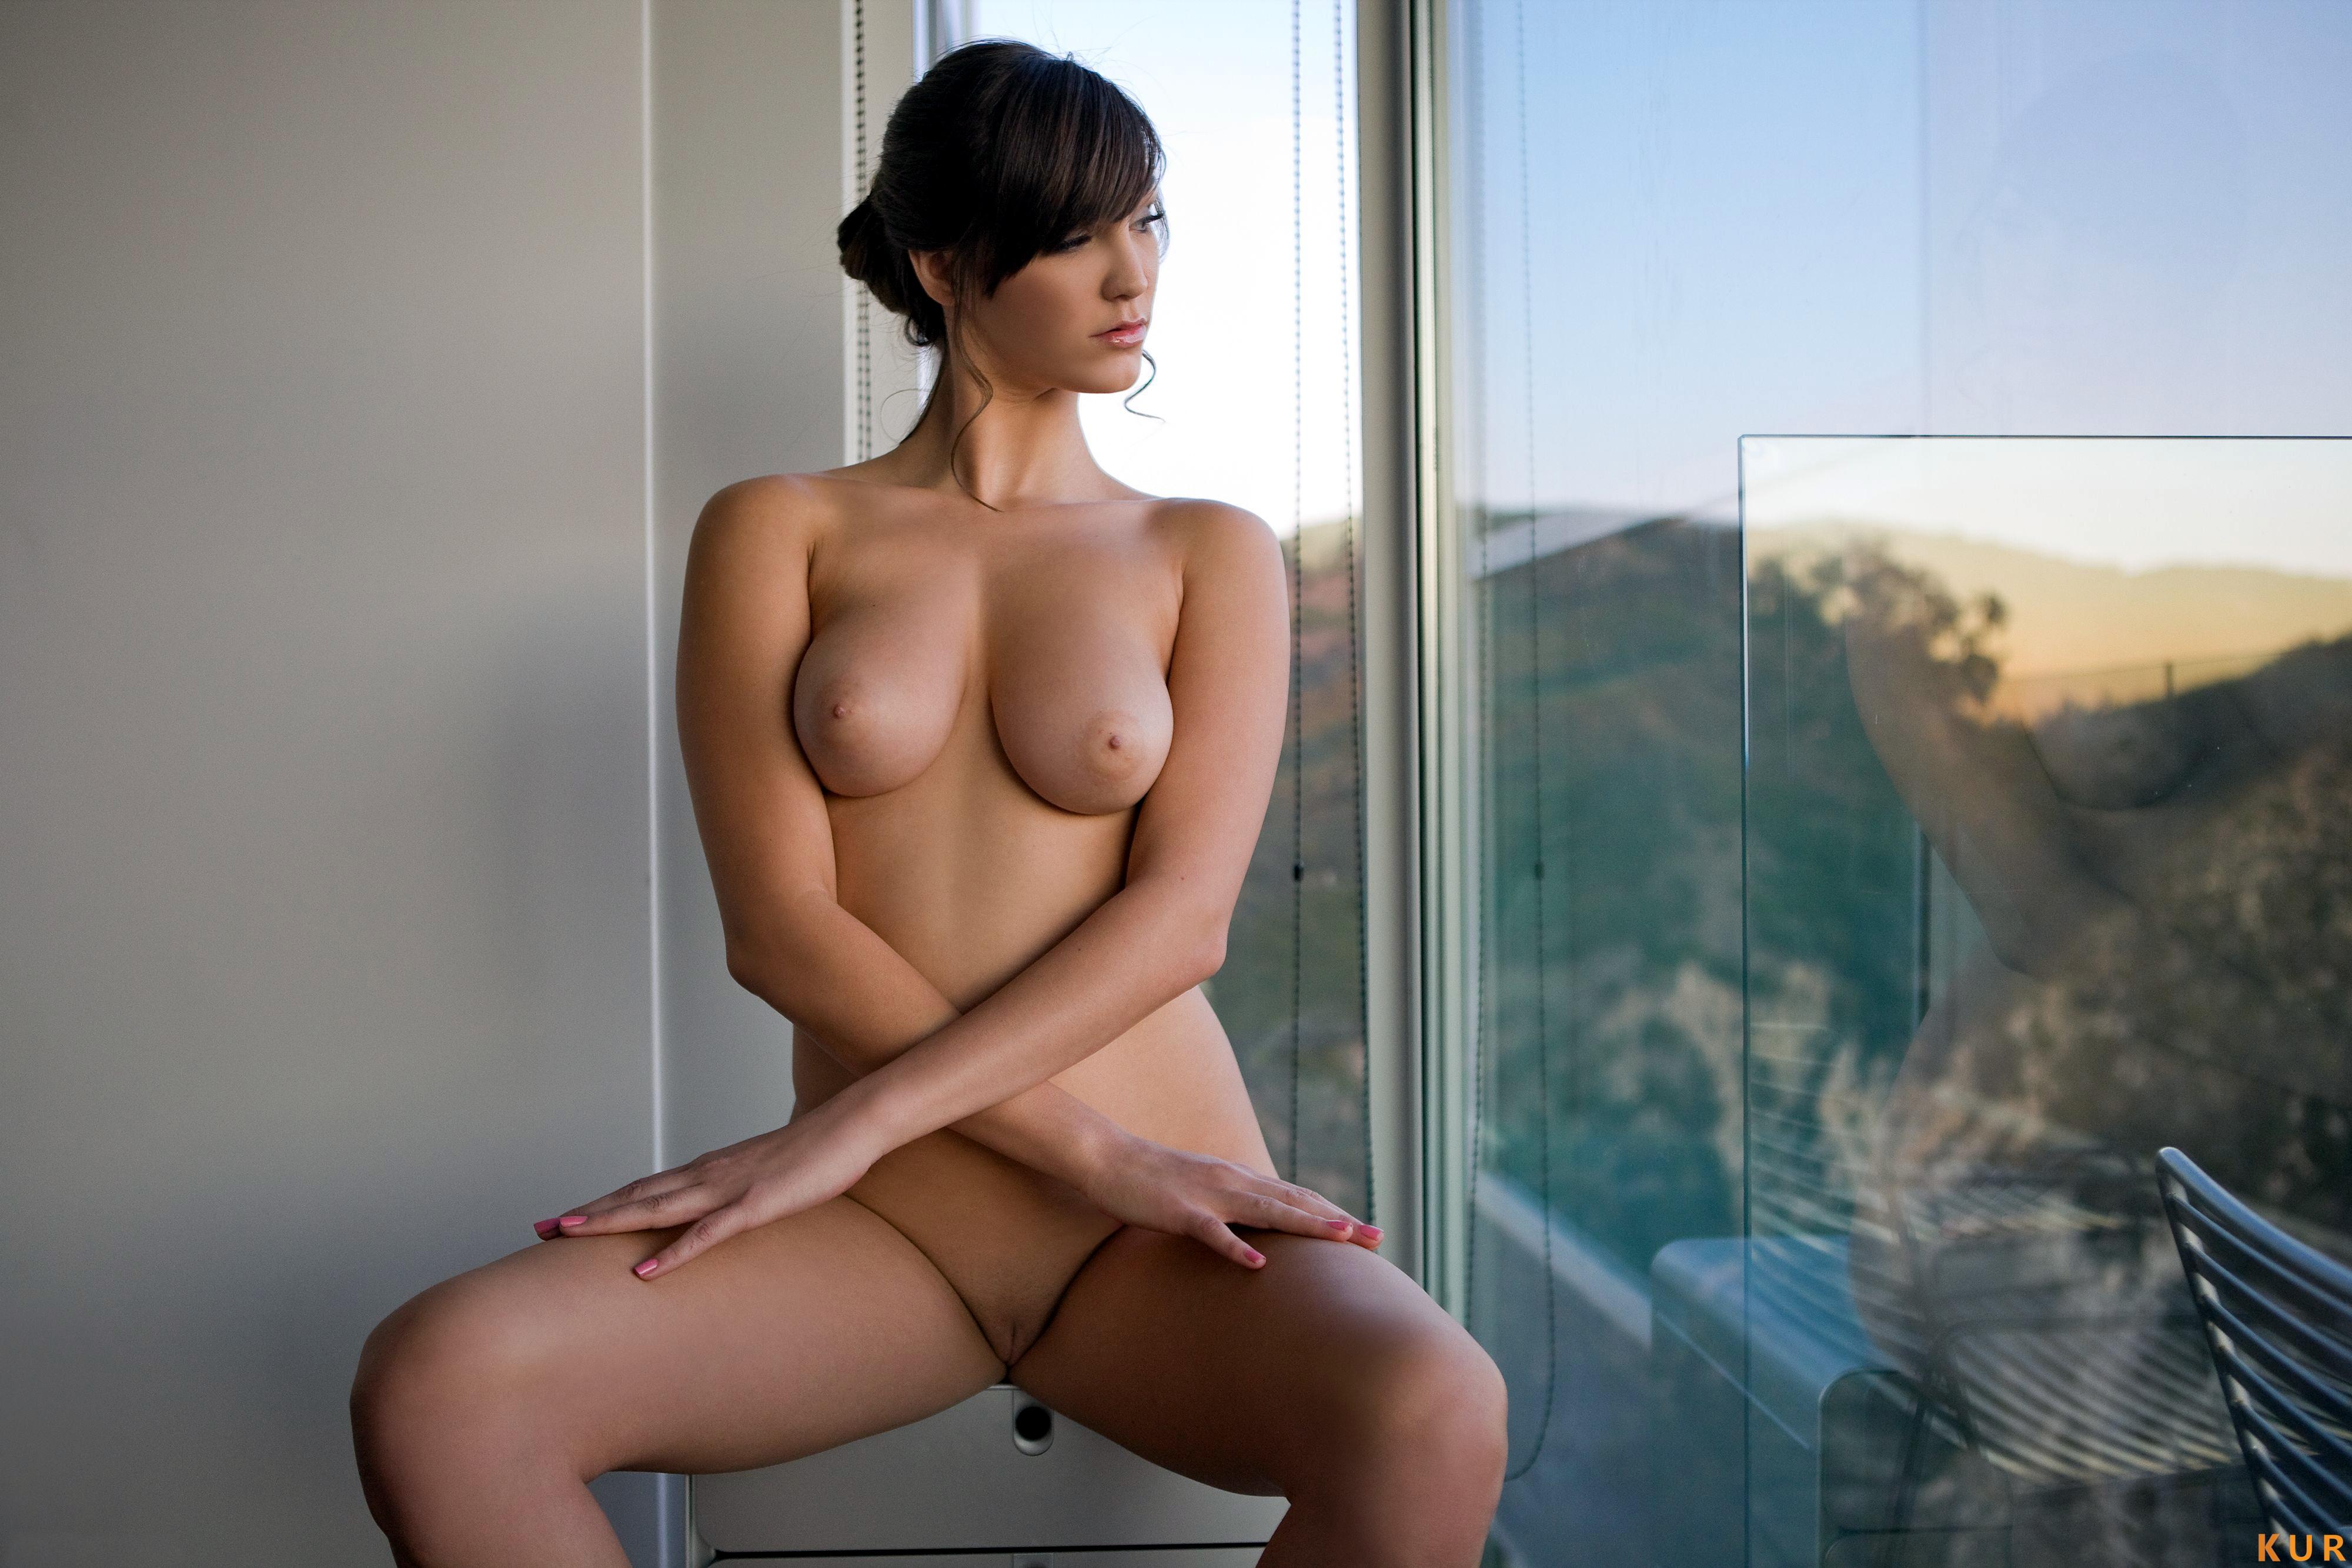 Poza Erotica #7806 - Dimensiune completa